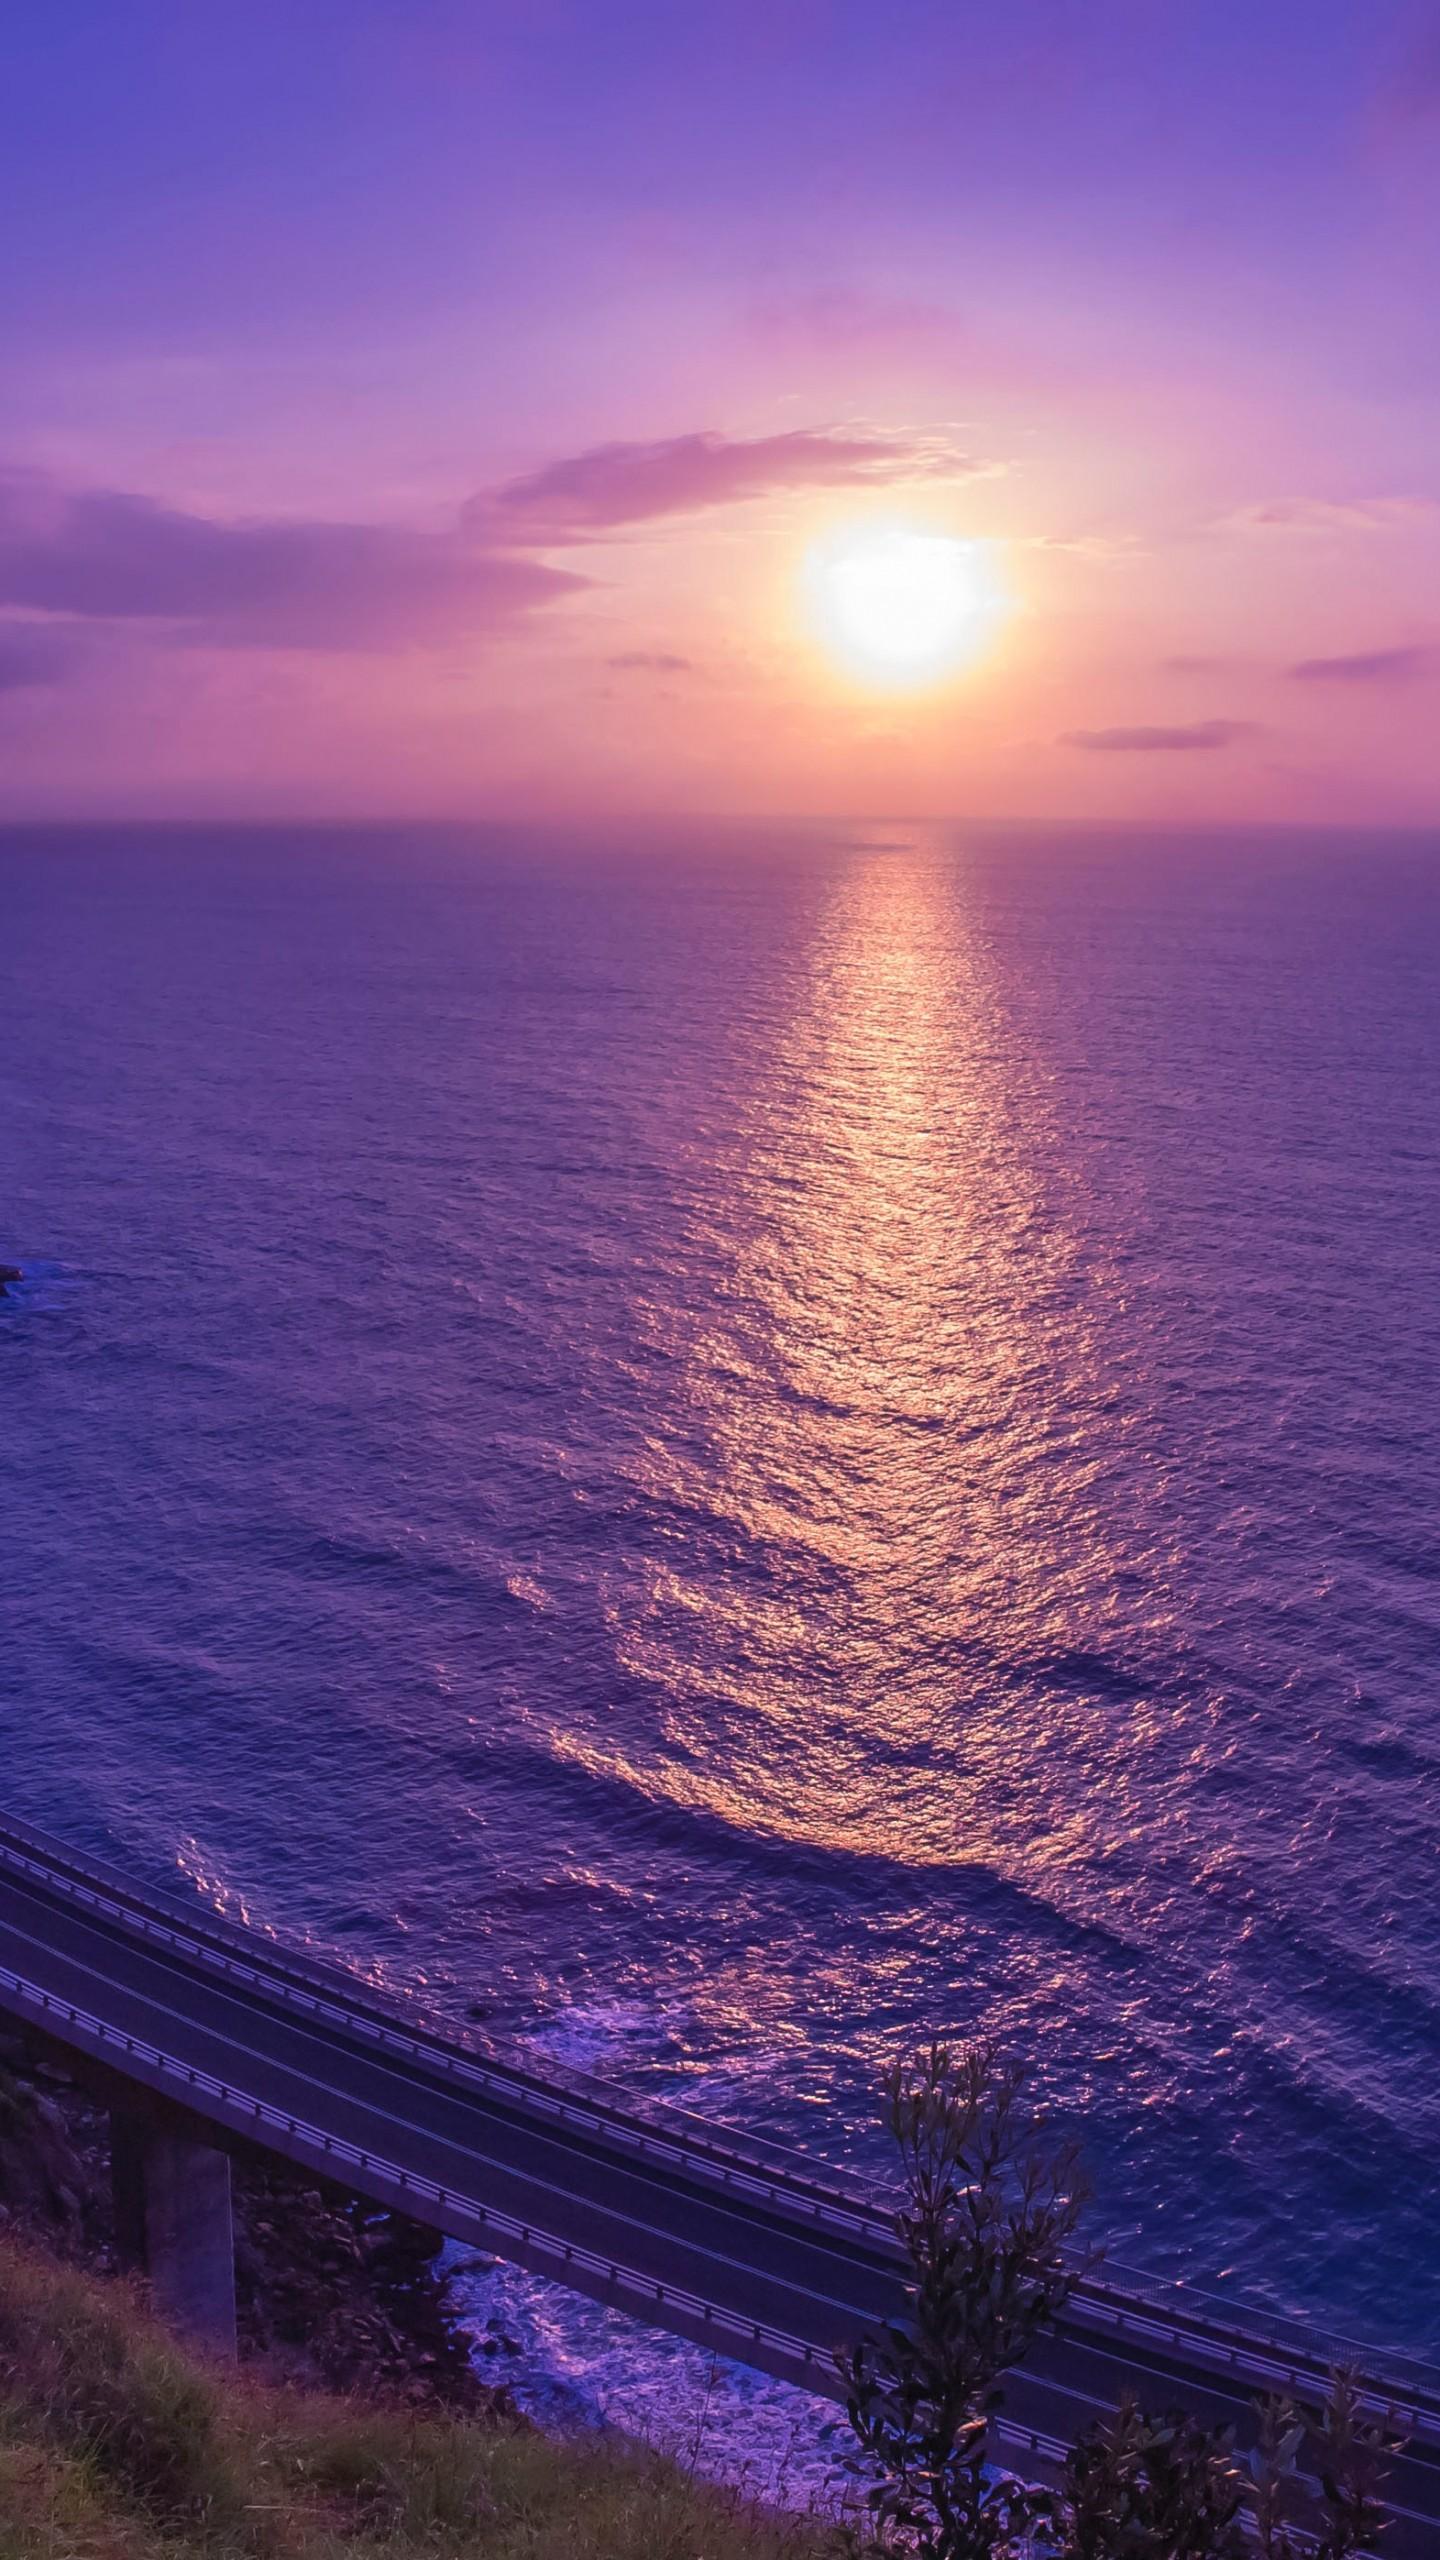 عکس زمینه غروب خورشید آسمان در دریای بنفش رنگ پس زمینه